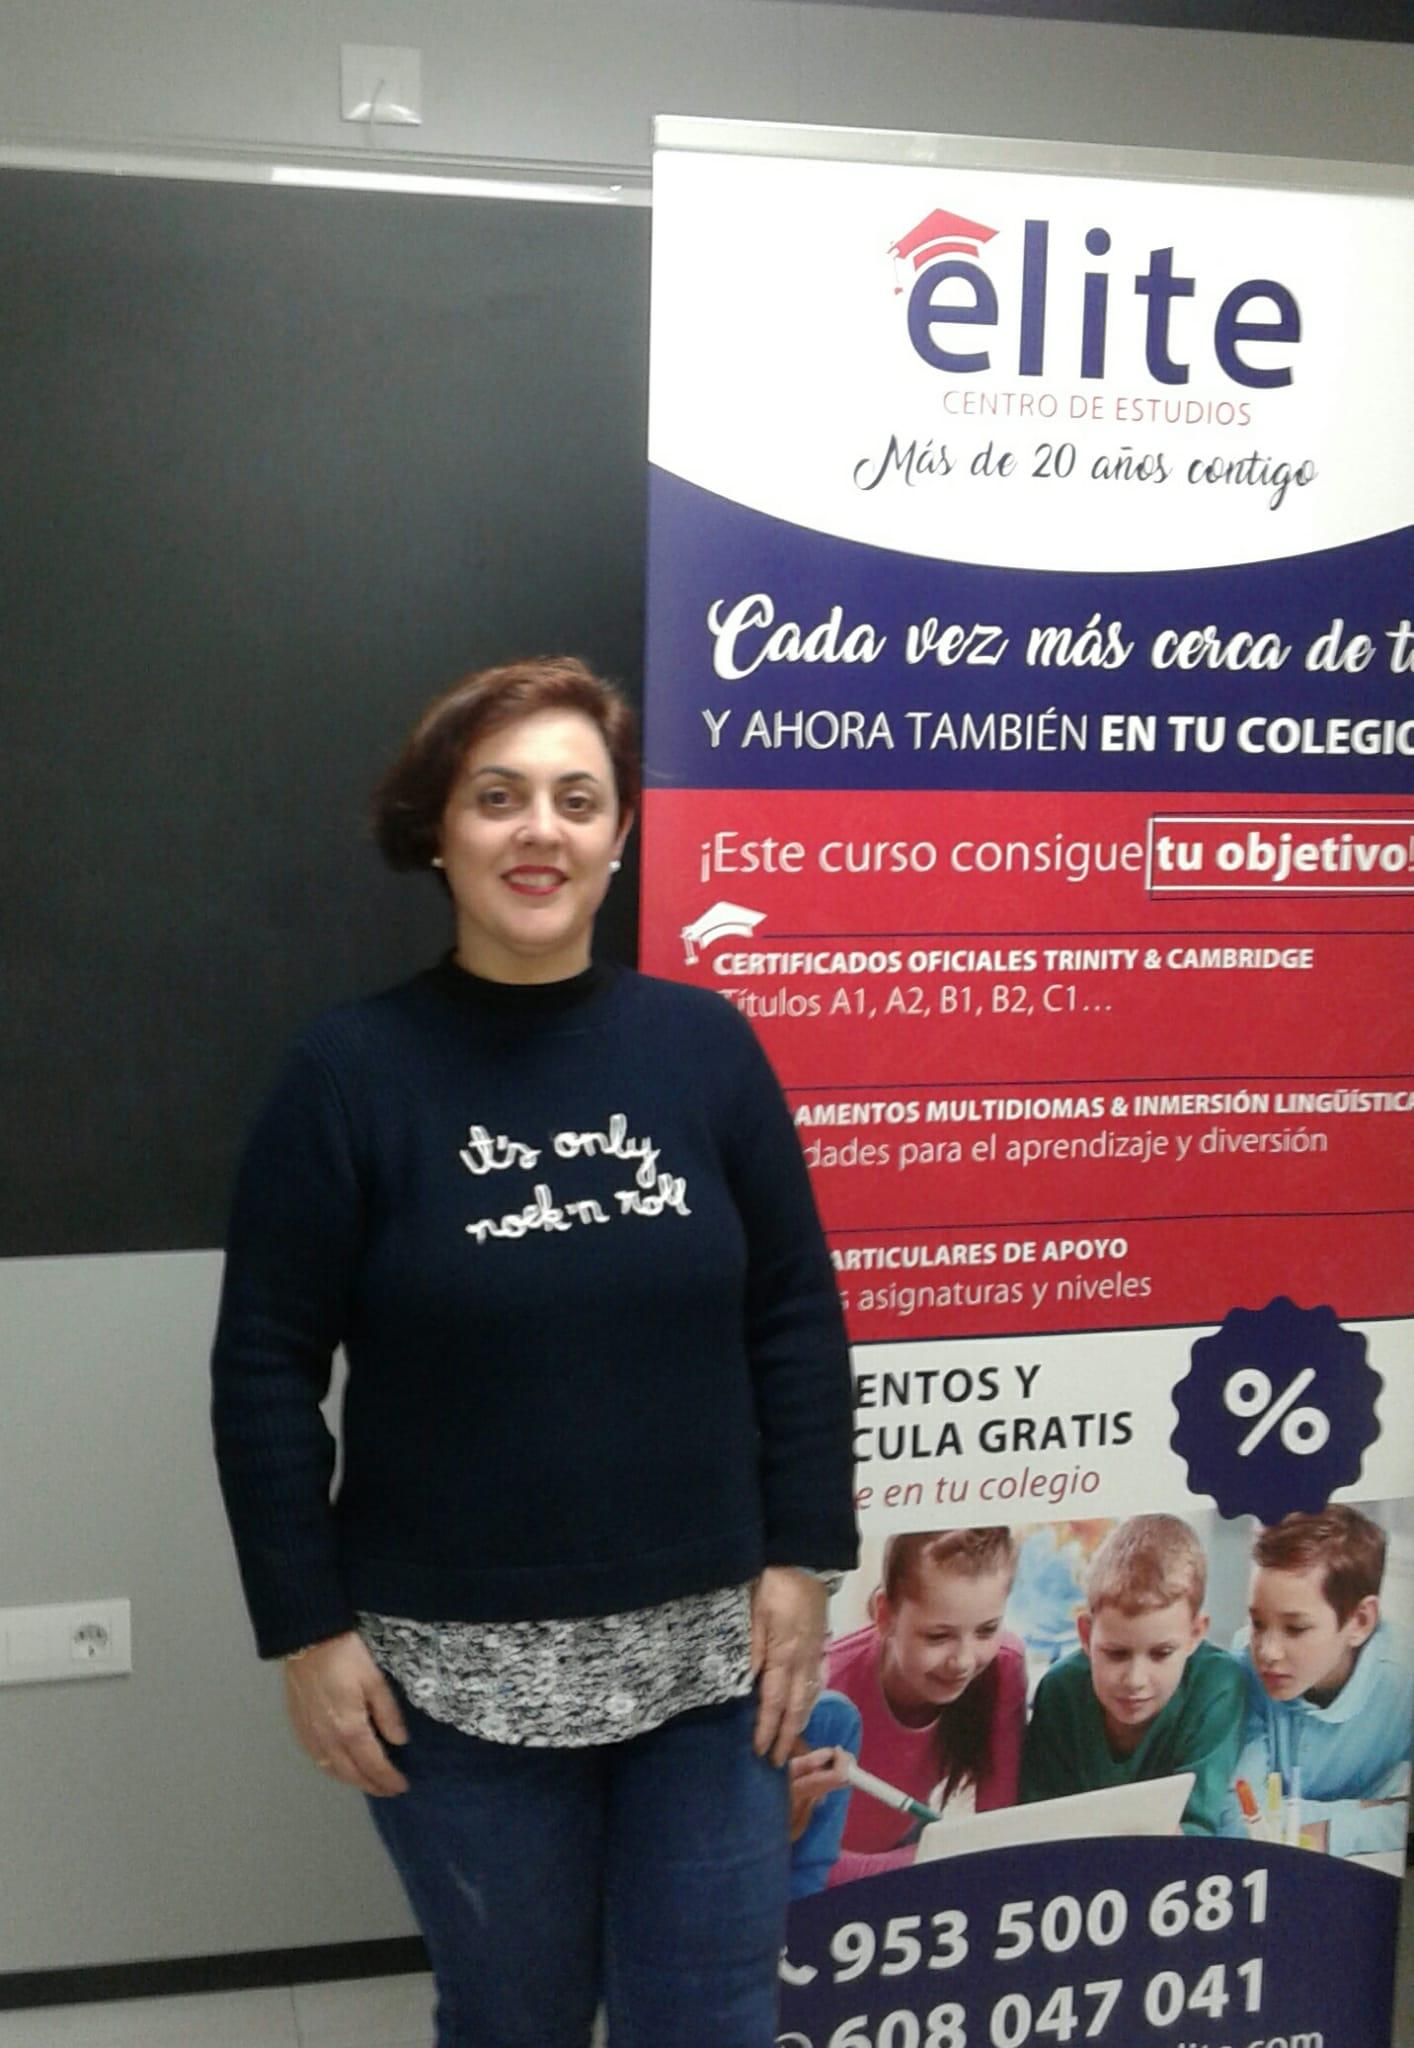 Equipo Academia Andújar 5